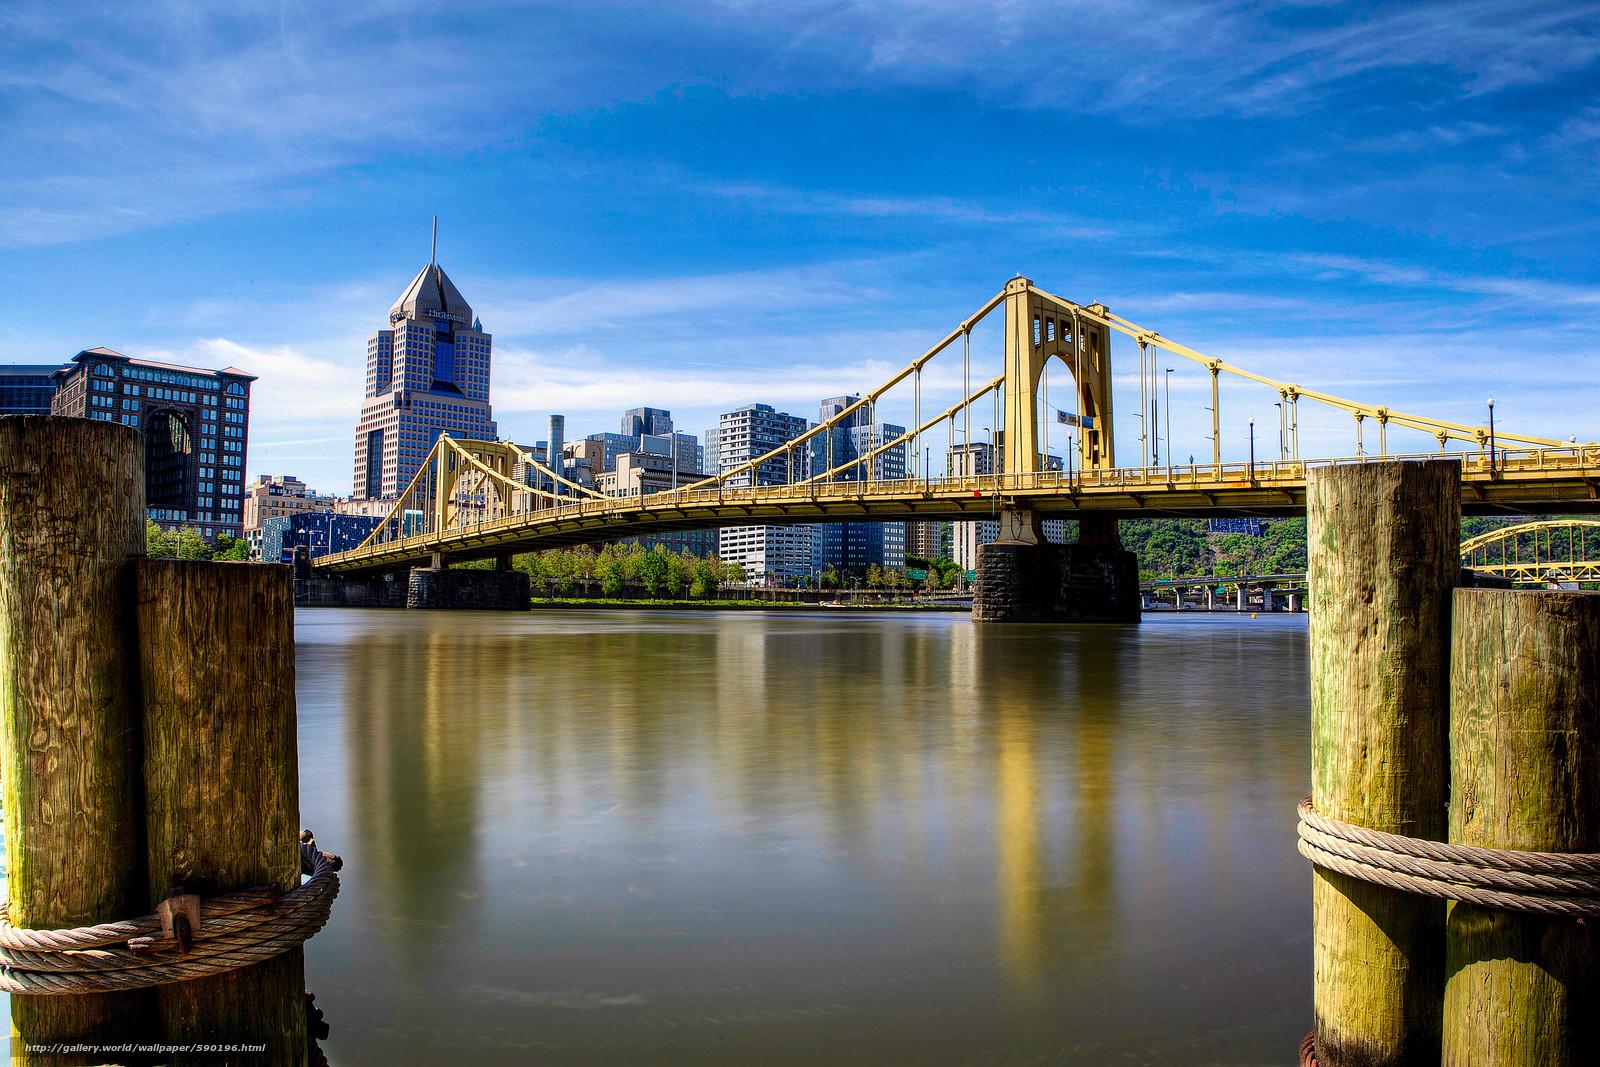 下载壁纸 华盛顿,  匹兹堡,  美国 免费为您的桌面分辨率的壁纸 3861x2574 — 图片 №590196